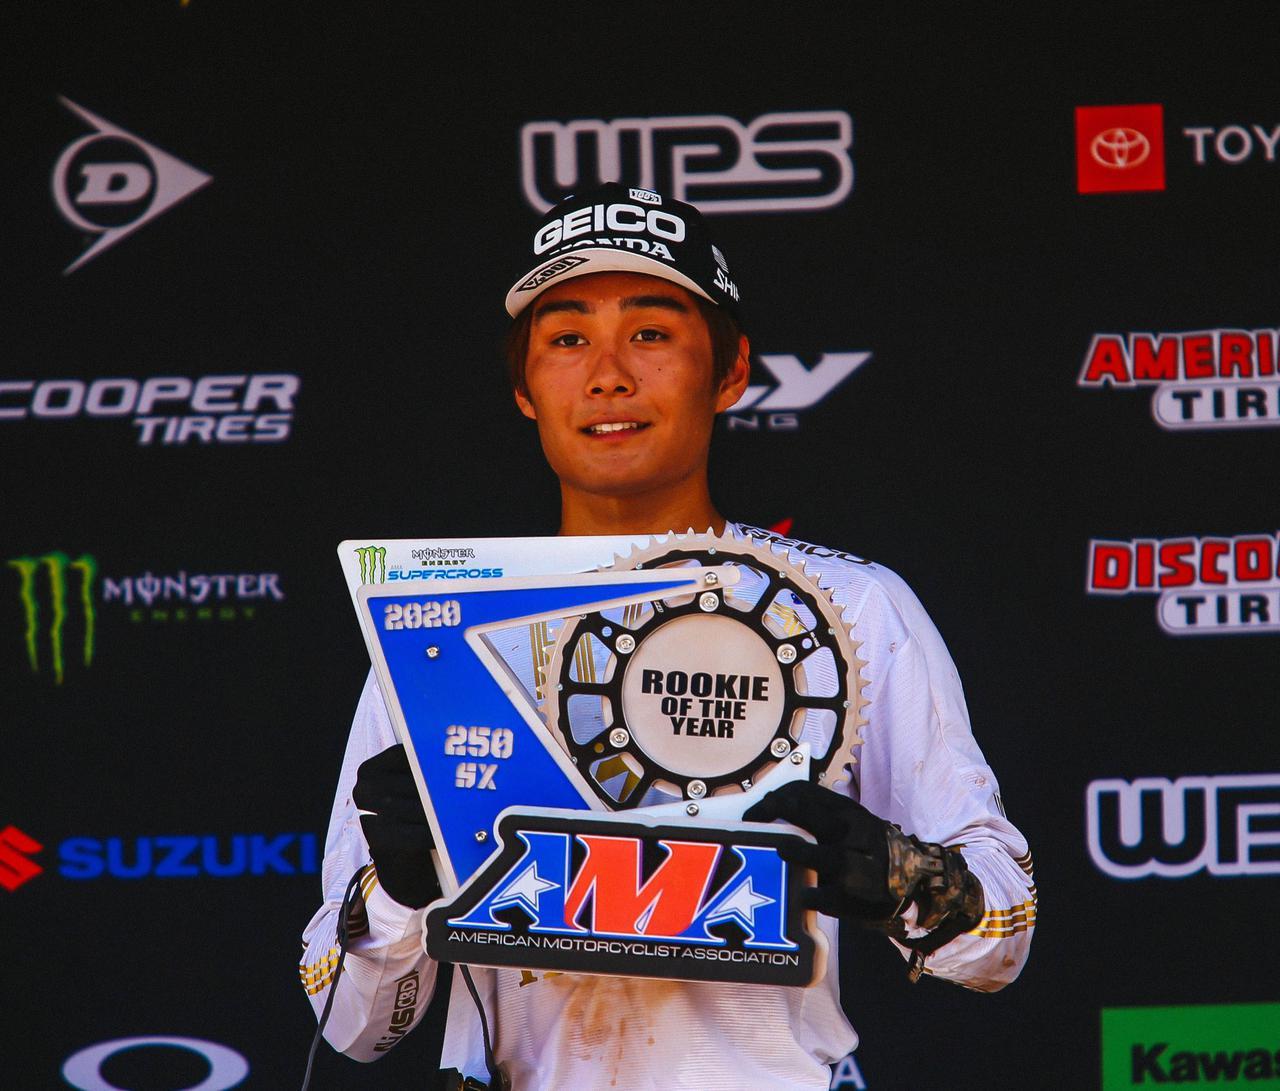 画像: AMAスーパークロスのルーキー・オブ・ザ・イヤーを日本人として初めて受賞した下田丈。2002年に三重県鈴鹿市に生まれた彼は、アメリカに拠点を移して彼の地で着実にトップライダーとしての実績を積み上げ、今年AMAスーパークロスデビューを果たしました。日本モトクロス界の期待の星のひとりです。 jmx.jp